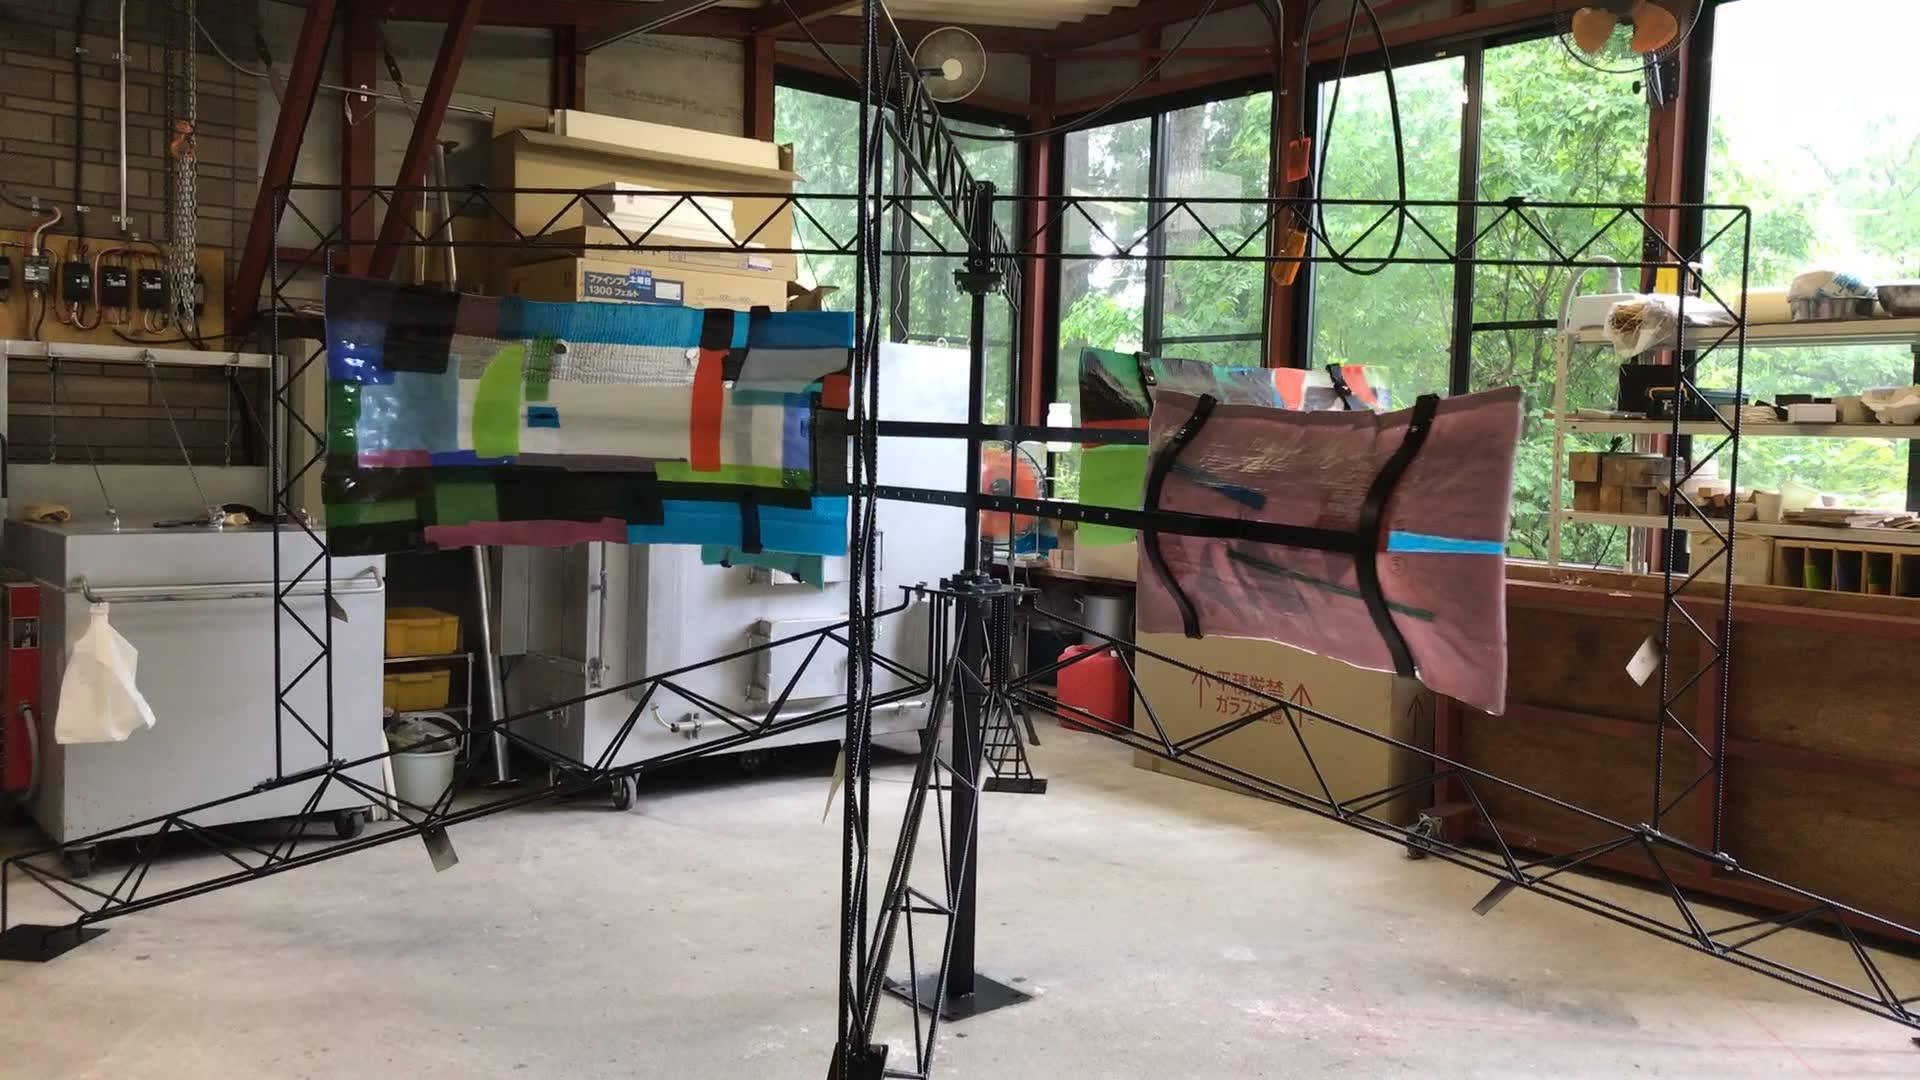 グラススタジオポンテ 上村 活史の作品「風の音」が完成しましたが、屋外の展示場所の設営が間に合いませんでした。工房の中に展示していますので皆様どうぞお越しください。お待ちしています。